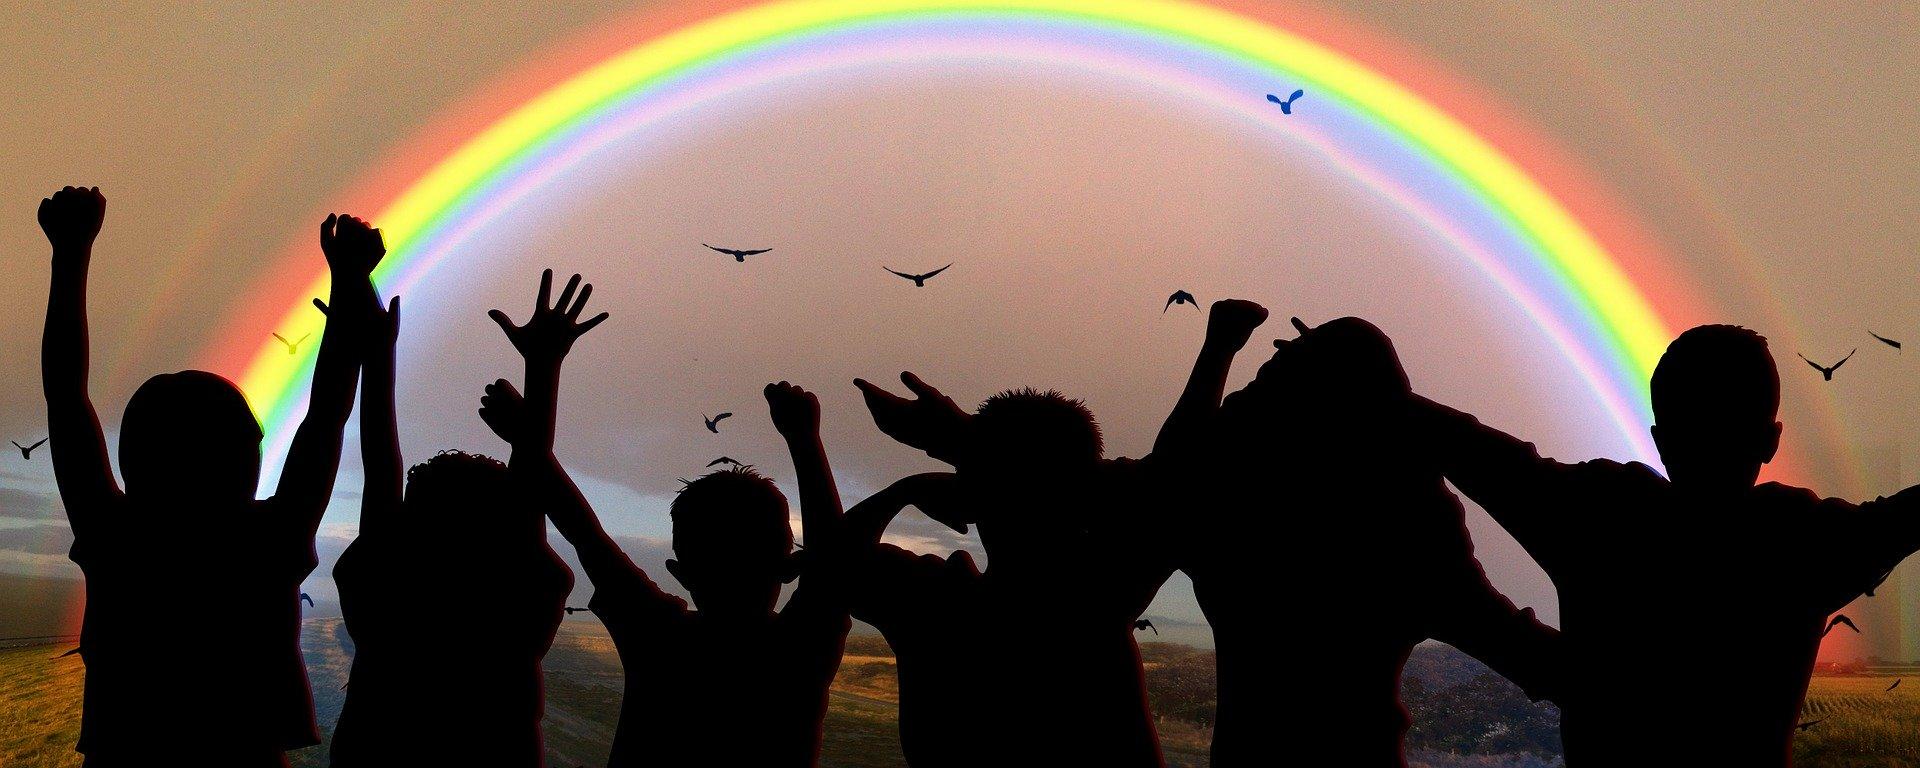 Unser Regenbogen für Glück und Zuversicht